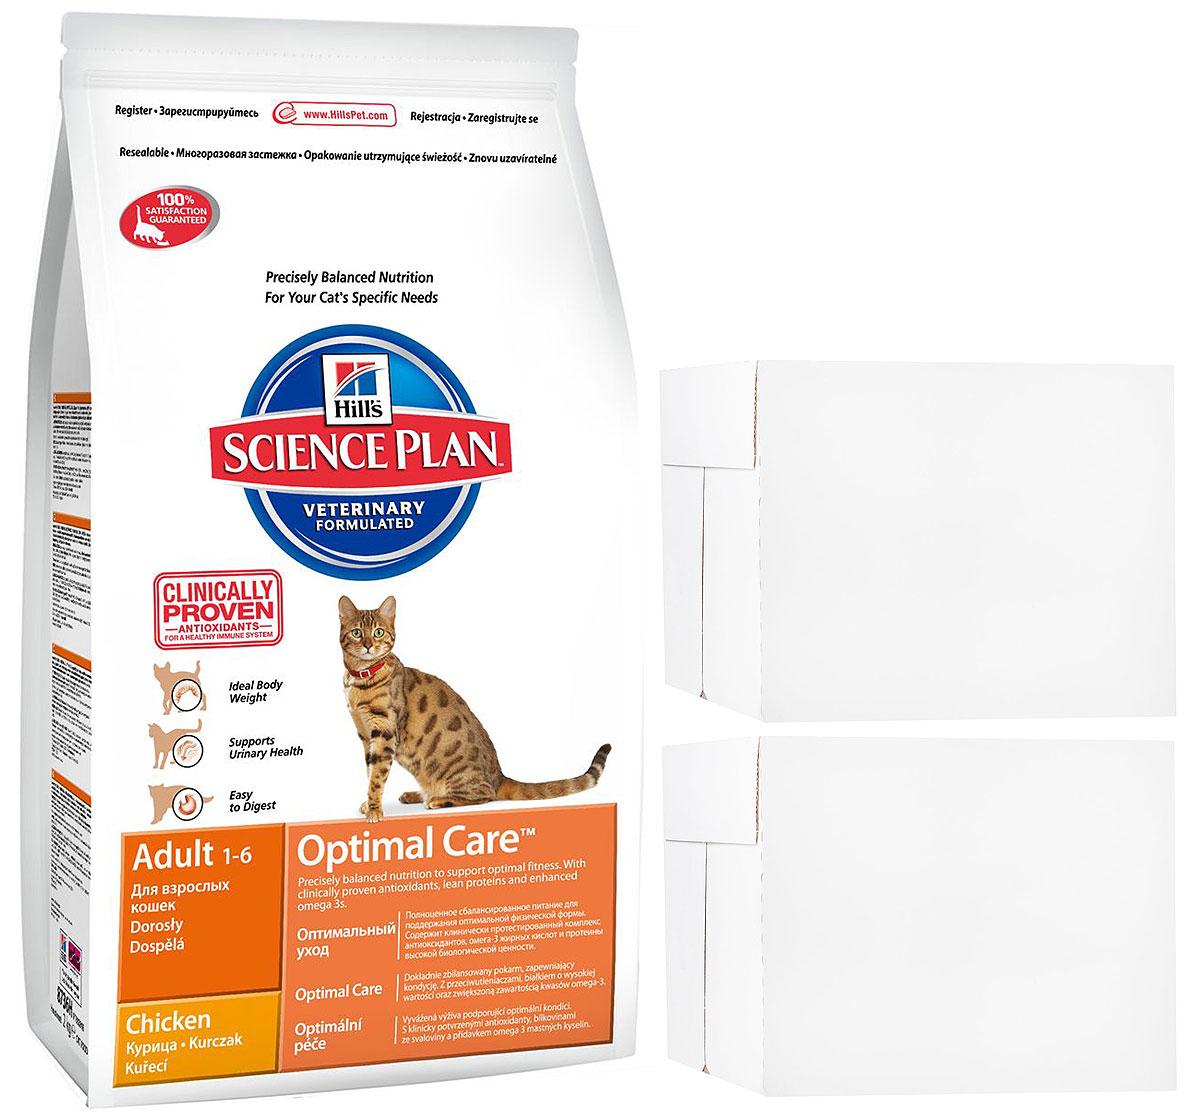 Корм сухой Hills Optimal Care, для взрослых кошек, курица, 15 кг + ПОДАРОК: Консервы для кошек Hills, курица, 85 г, 24 шт6291Hills Optimal Care - это полноценное, точно сбалансированное питание, приготовленное из ингредиентов высокого качества, без добавления красителей и консервантов. Каждый рацион Hills Optimal Care содержит эксклюзивный комплекс антиоксидантов с клинически подтвержденным эффектом для поддержки иммунной системы вашего питомца.Если вы решили перевести вашу кошку на рацион Hills Optimal Care, это необходимо сделать постепенно в течение 7 дней. Смешивайте прежний корм с новым, постоянно увеличивая долю последнего до полного перехода на Hills Optimal Care. Тогда ваш питомец сможет в полной мере насладиться вкусом и преимуществами превосходного питания, которое обеспечивает рацион Hills Optimal Care.Корм рекомендуется:- Кошкам в возрасте от 1 до 6 лет.Не рекомендуется:- Котятам.- Беременным и кормящим кошкам.Ключевые преимущества:- Высокая энергетическая ценность удовлетворяет потребность животного в энергии без необходимости скармливать большие порции.- Контролируемое содержание протеинов и натрия - точный баланс нутриентов для крепкого здоровья (не допускает избытка нутриентов, который может навредить здоровью).- Контролируемое содержание магния и фосфора поддерживает здоровье мочевыводящих путей.- Комплекс антиоксидантов нейтрализует действие свободных радикалов и поддерживает иммунитет.- Превосходные вкусовые характеристики не оставят вашего питомца равнодушным.В подарок к корму Hills Optimal Care идут 24 пауча с консервами Hills.Состав: курица: мука из курицы (36%) и индейки (общее содержание муки из мяса домашней птицы 56%), пшеница, кукуруза, мука из кукурузного глютена, размолотый рис, гидролизат белка, минералы, высушенная мякоть сахарной свеклы, рыбий жир, DL-метионин, таурин, витамины, L-лизина гидрохлорид, микроэлементы и бета-каротин. Натуральные консерванты из смеси токоферолов и лимонной кислоты.Гарантированный анализ: протеин 33,0 %, жи